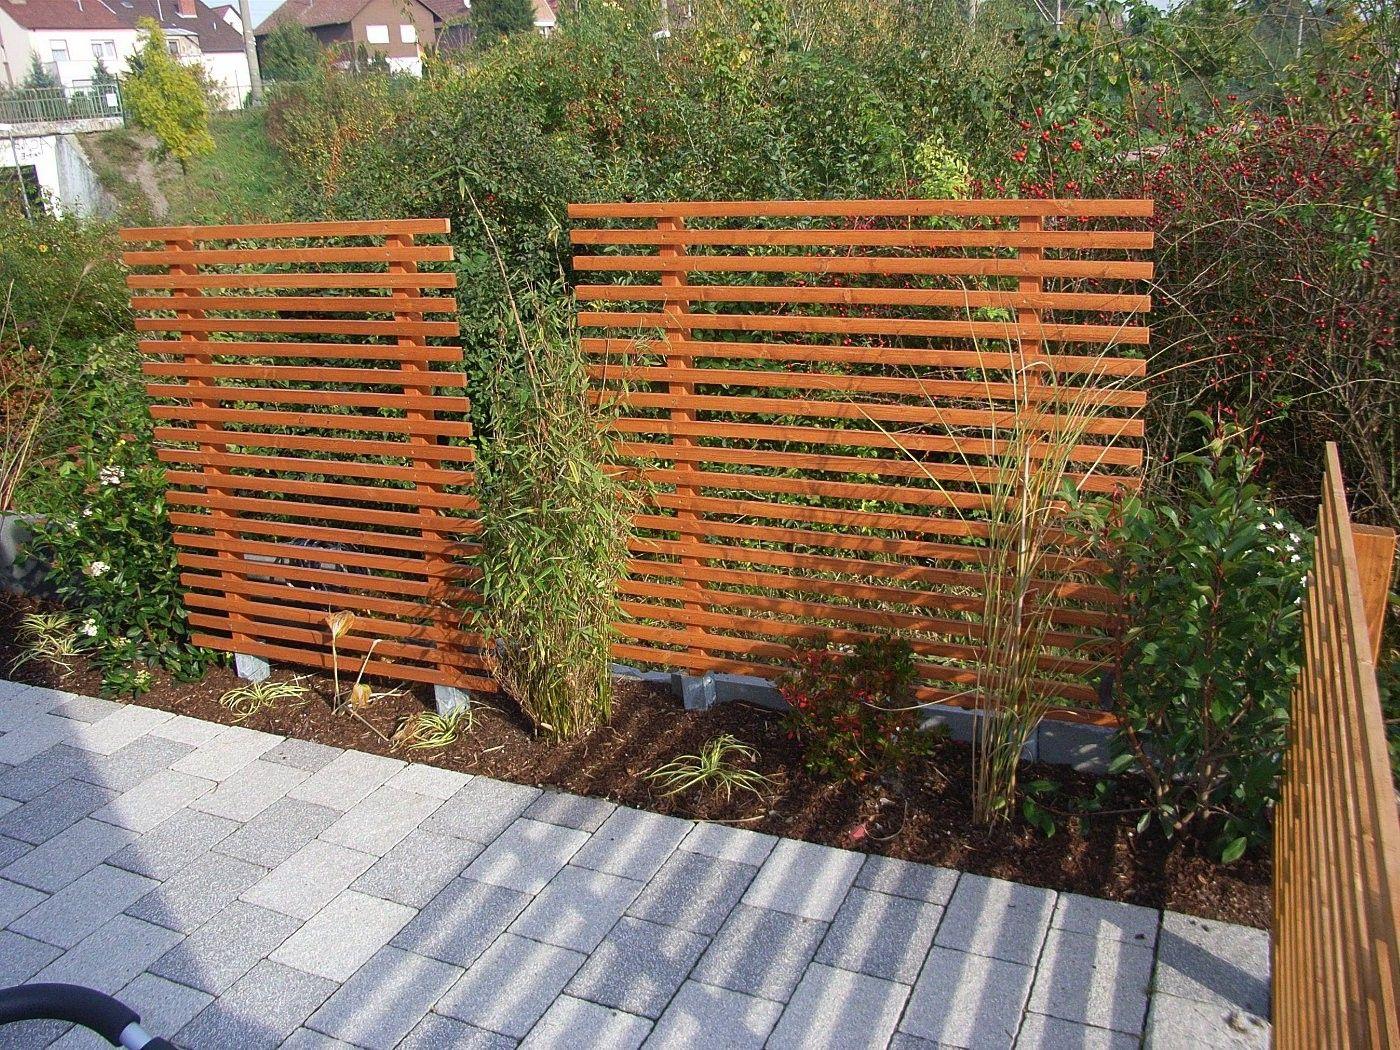 Gartenzaun Holz Sichtschutz Zaun Sichtschutz Selber Bauen